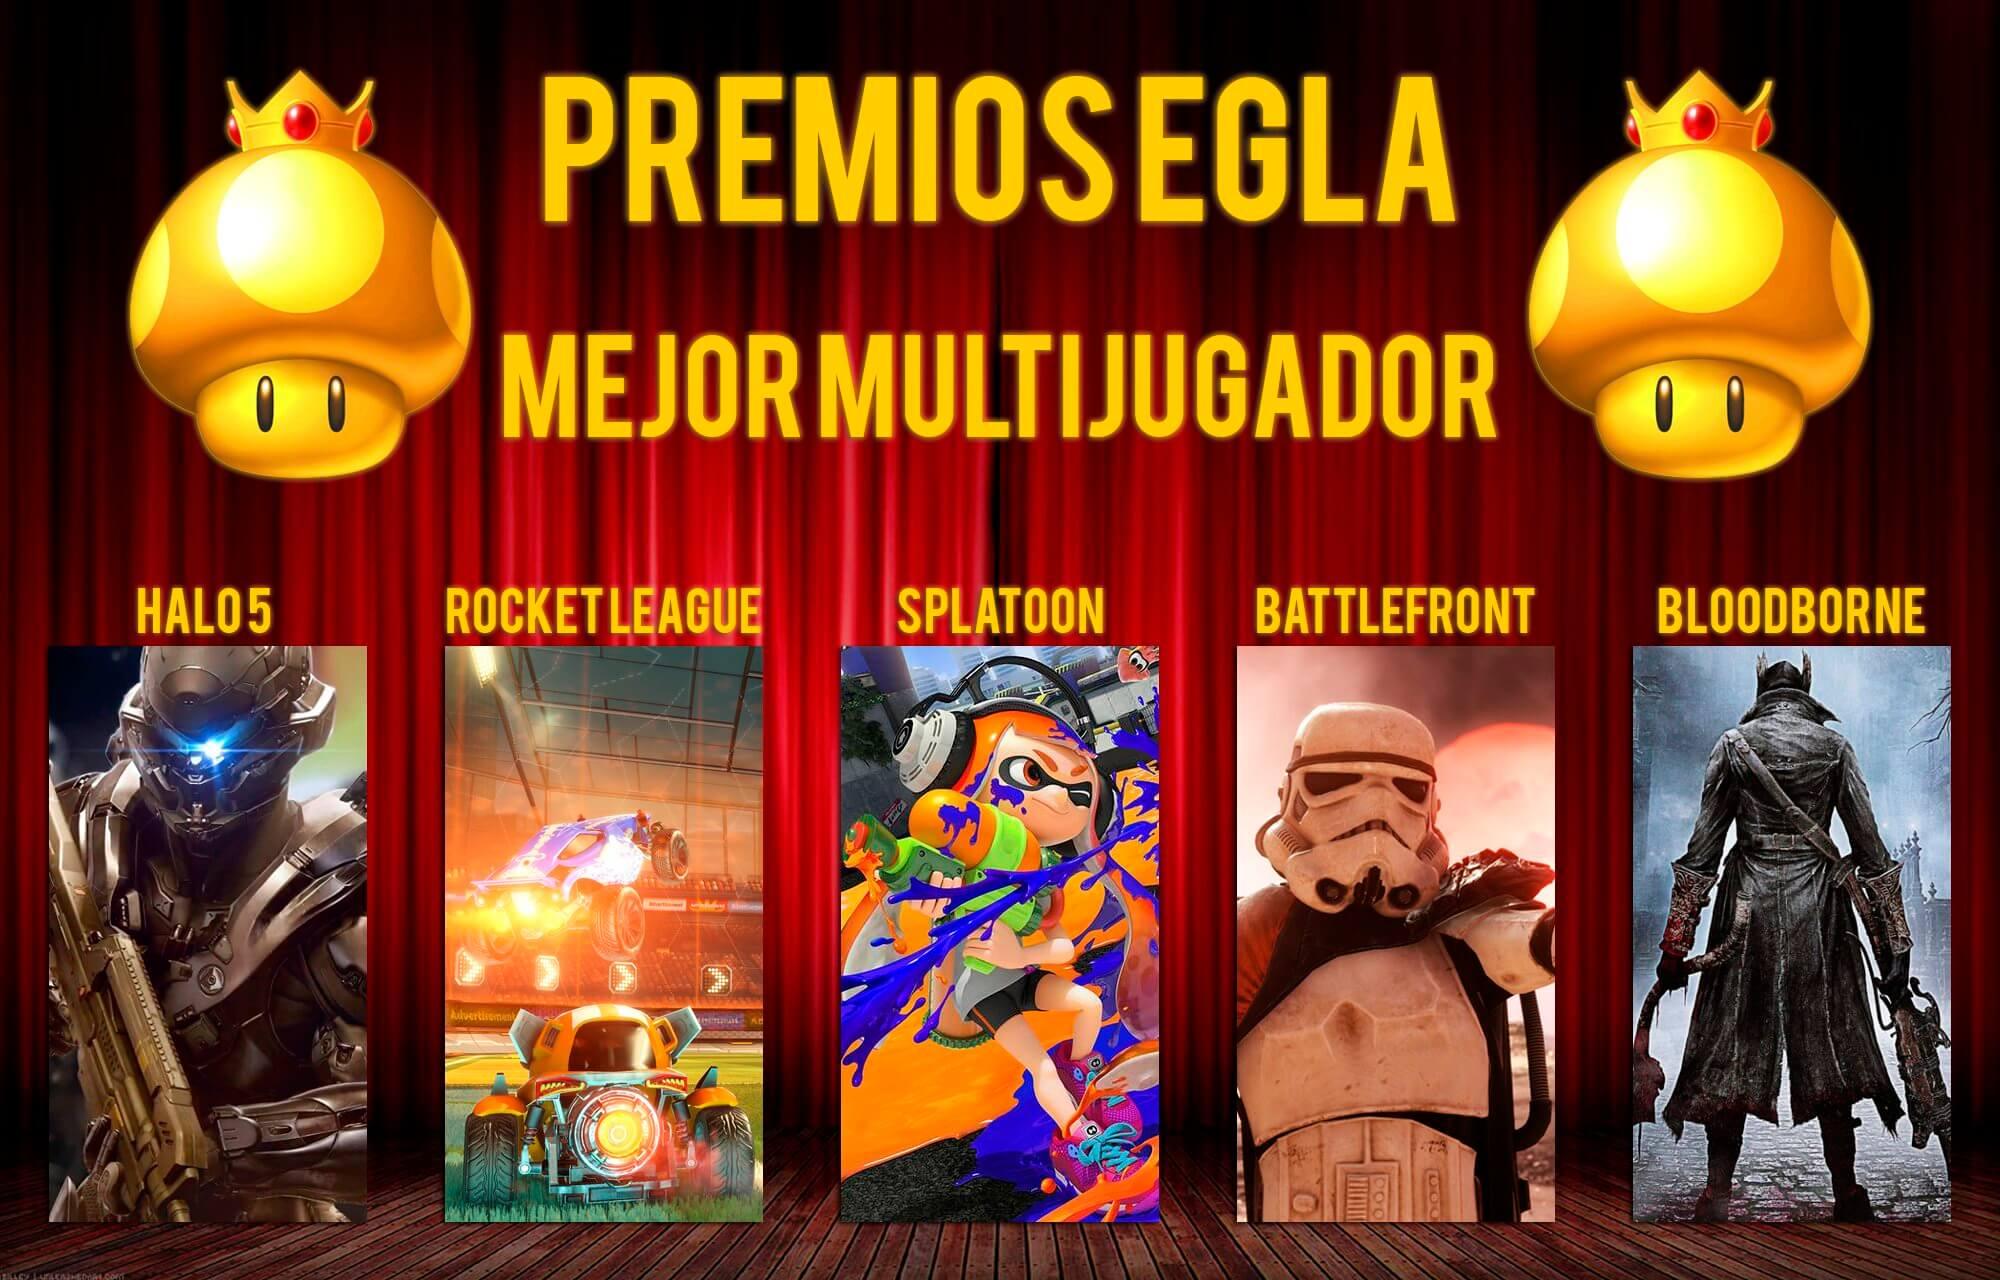 Premios EGLA 2015 Mejor Multijugador